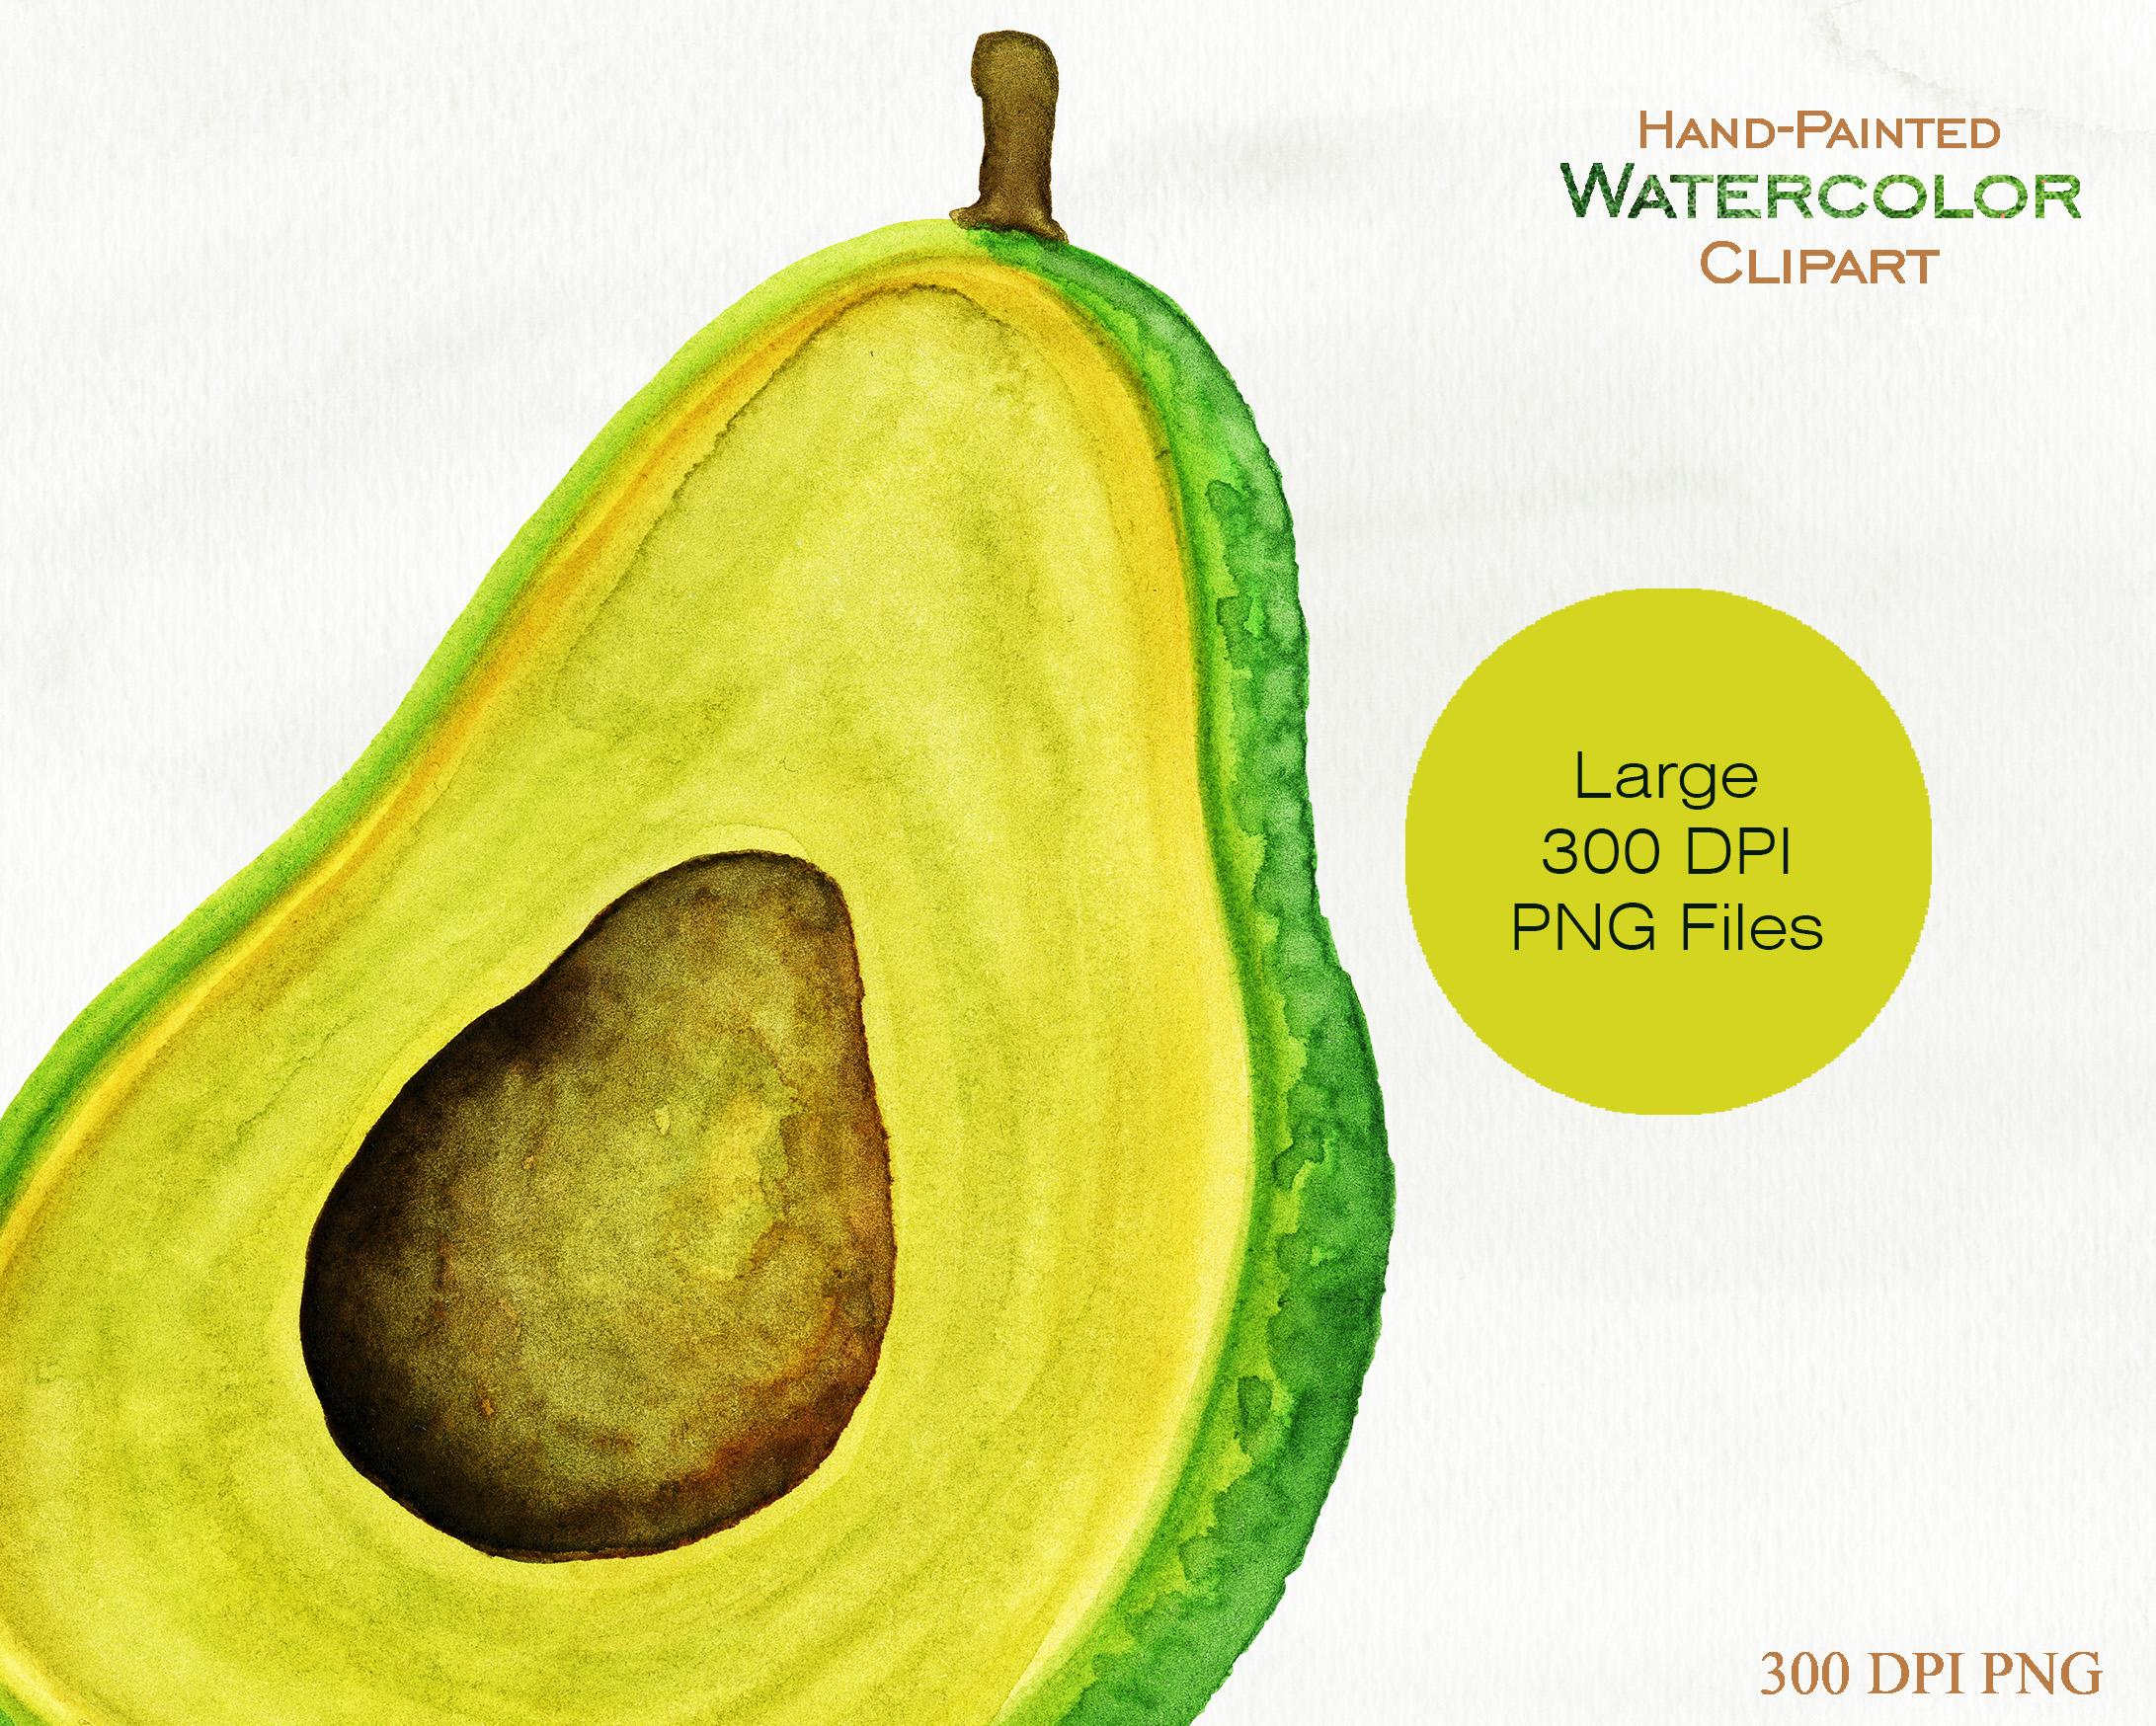 Avocado clipart advocado. Watercolor avacado vege design